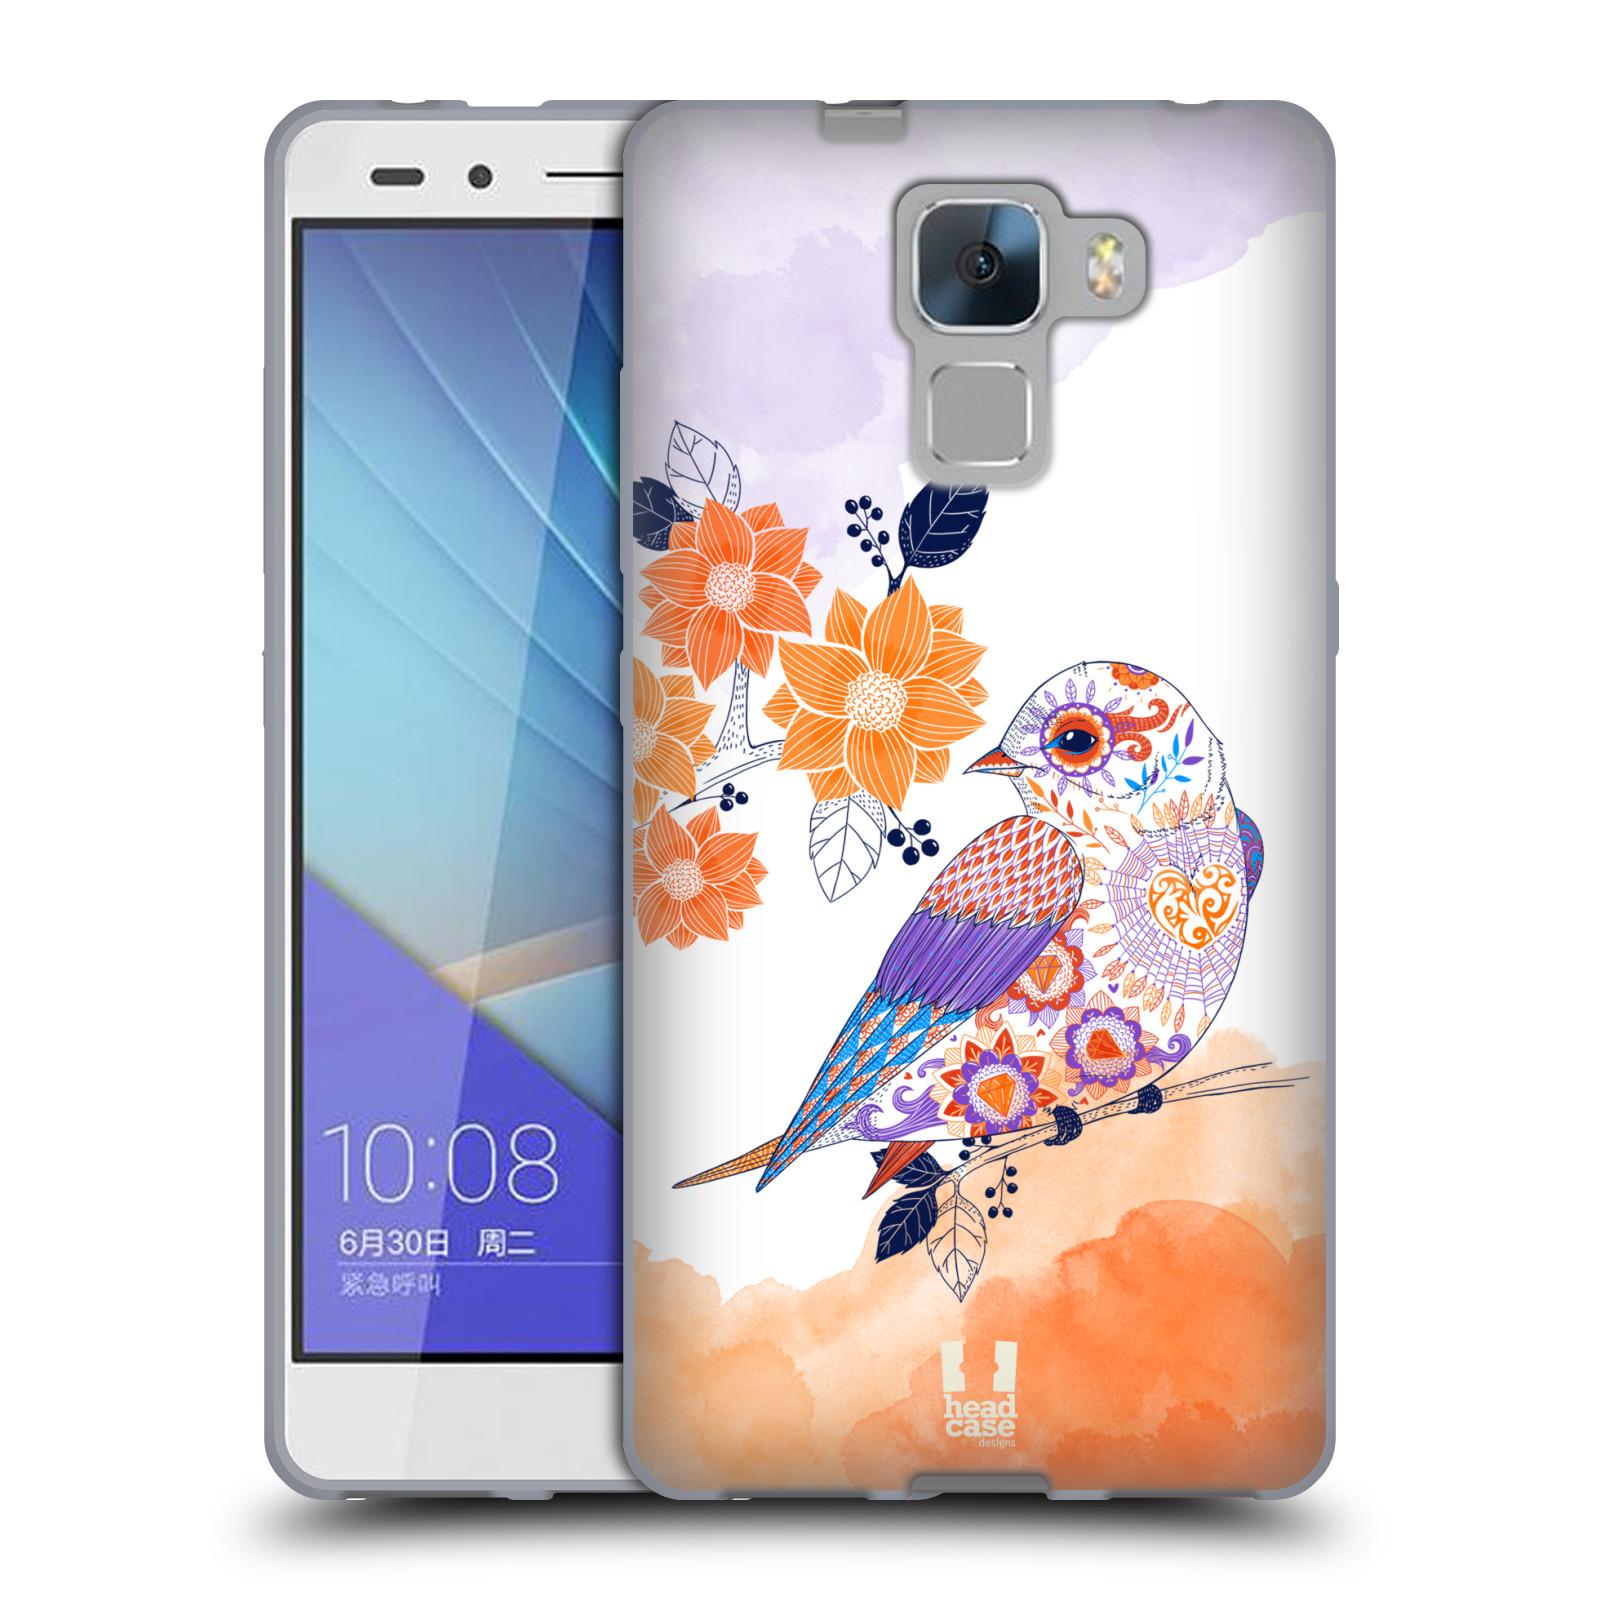 Silikonové pouzdro na mobil Honor 7 HEAD CASE PTÁČEK TANGERINE